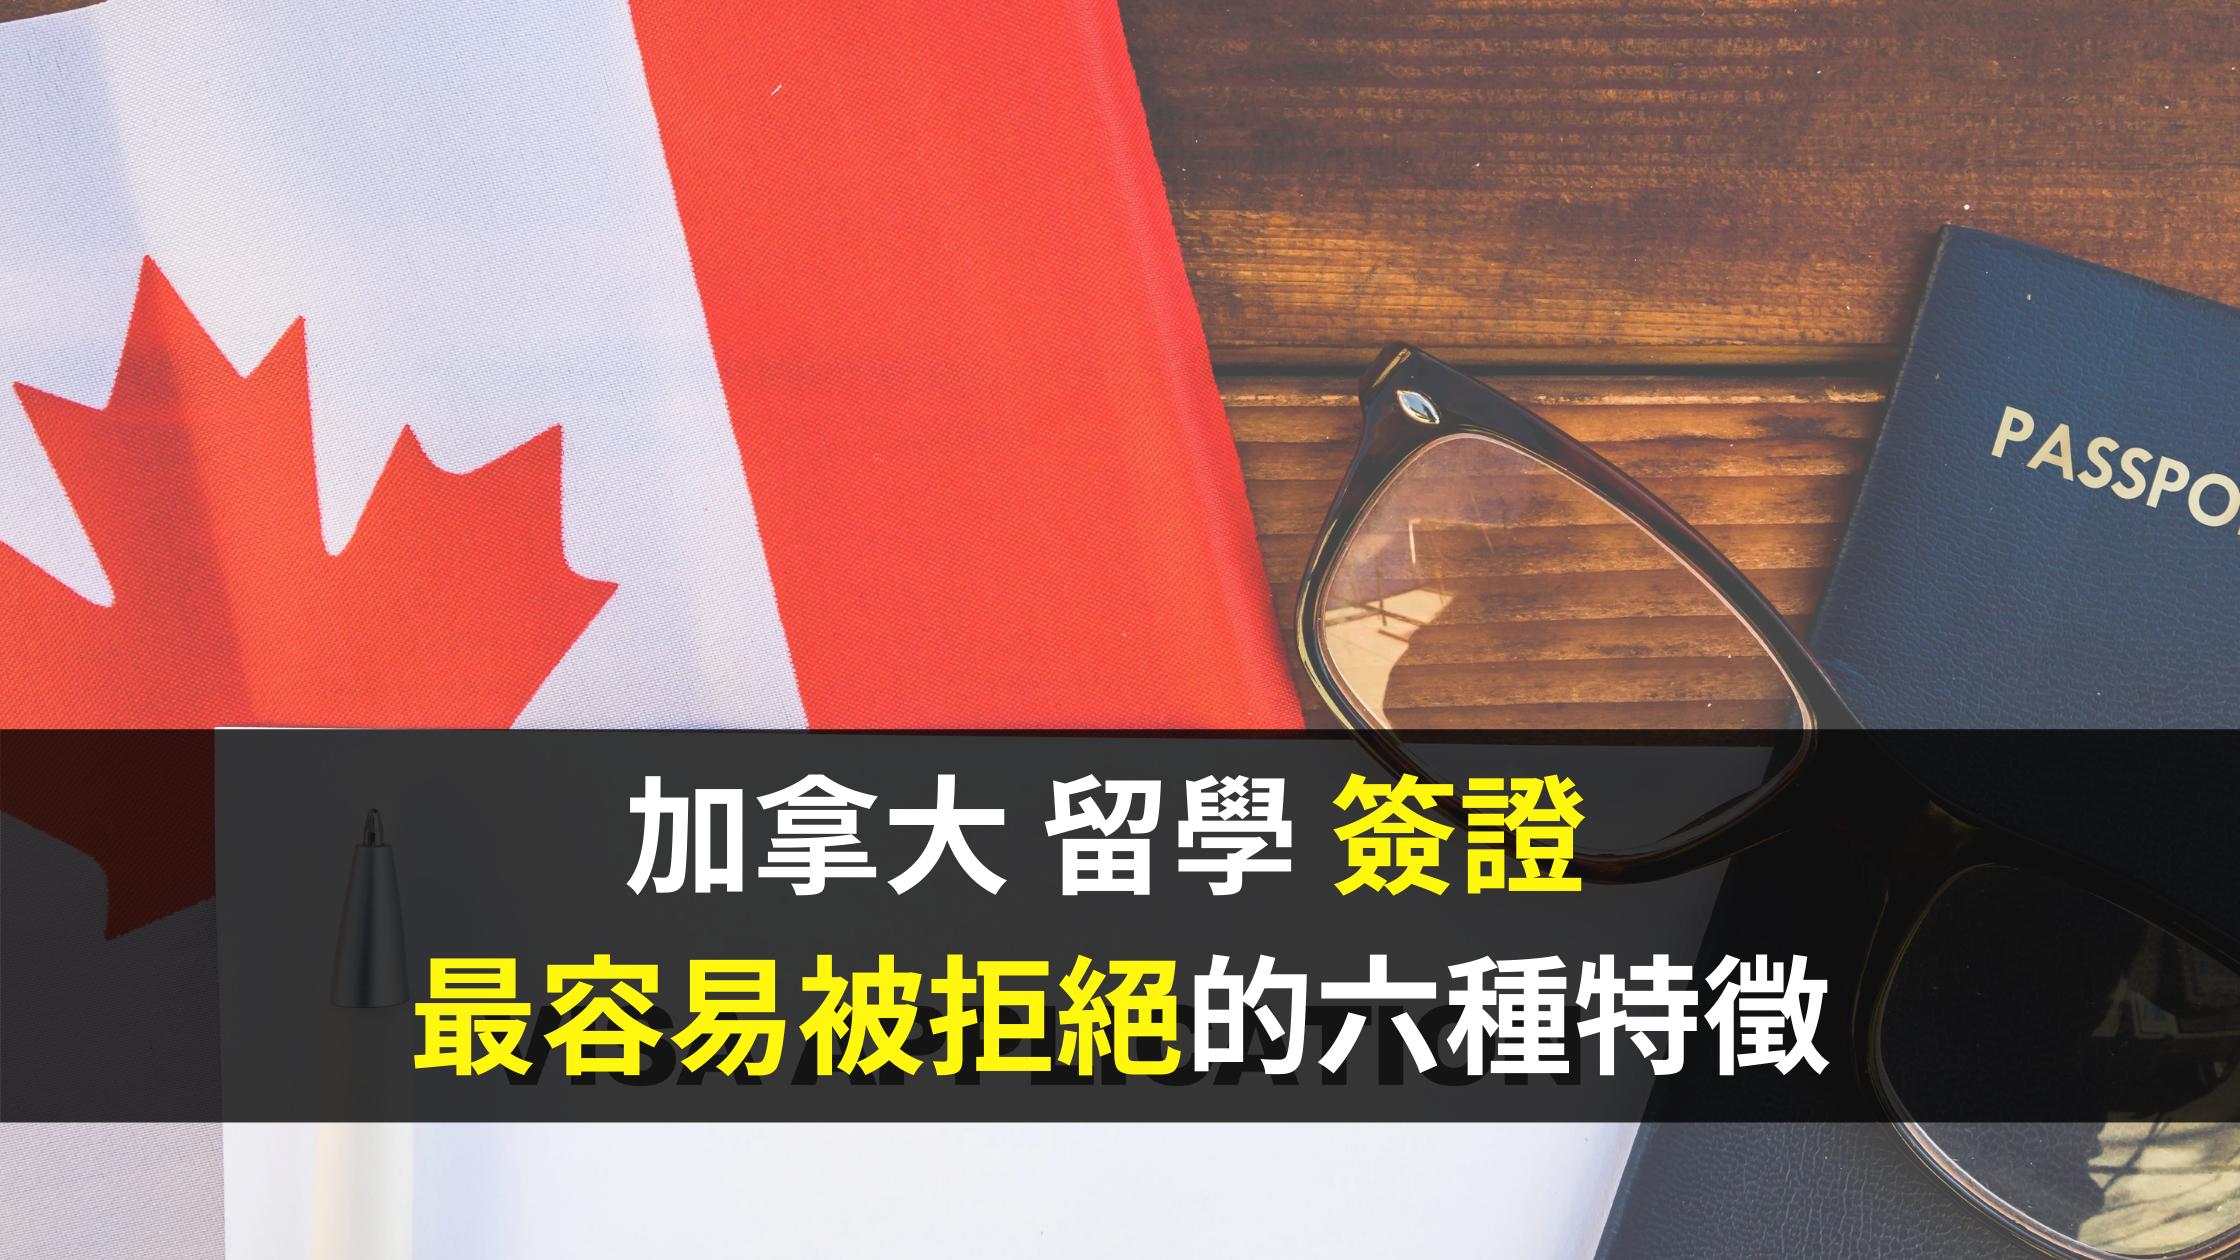 【加拿大留學】 簽證  最容易被拒絕的六種特徵